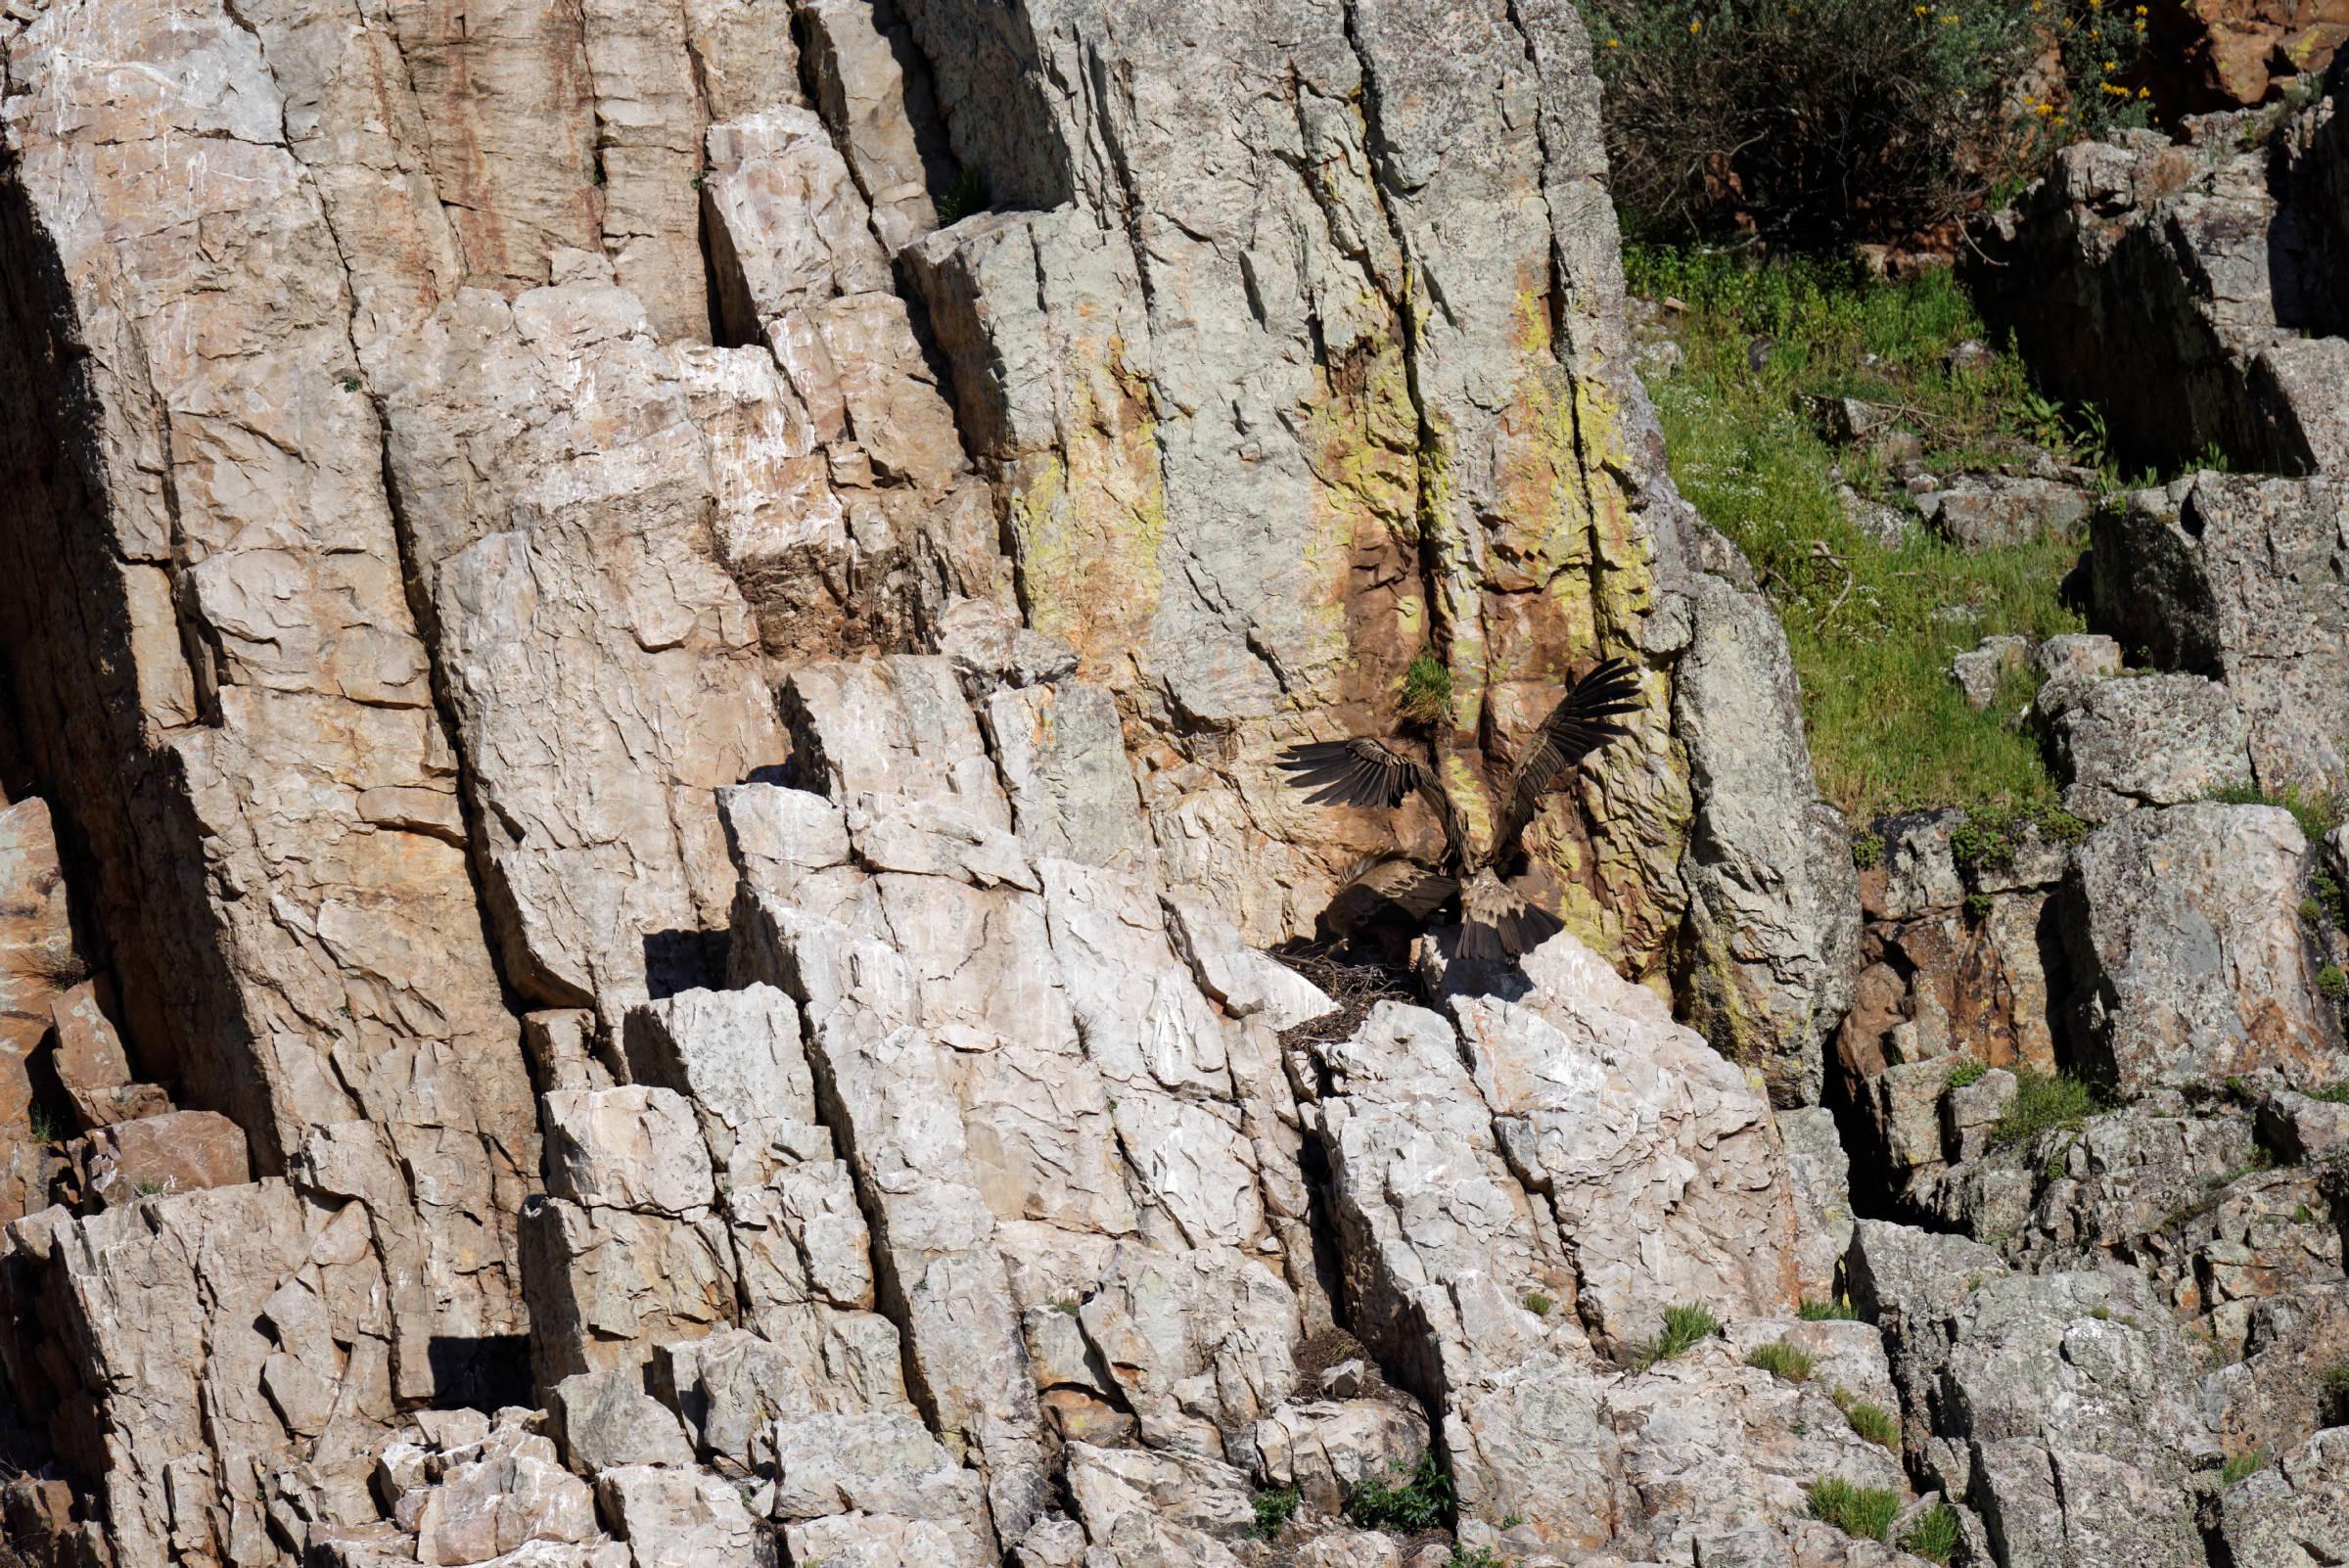 160405-parc national de monfrague (Estremadure) (122)_1